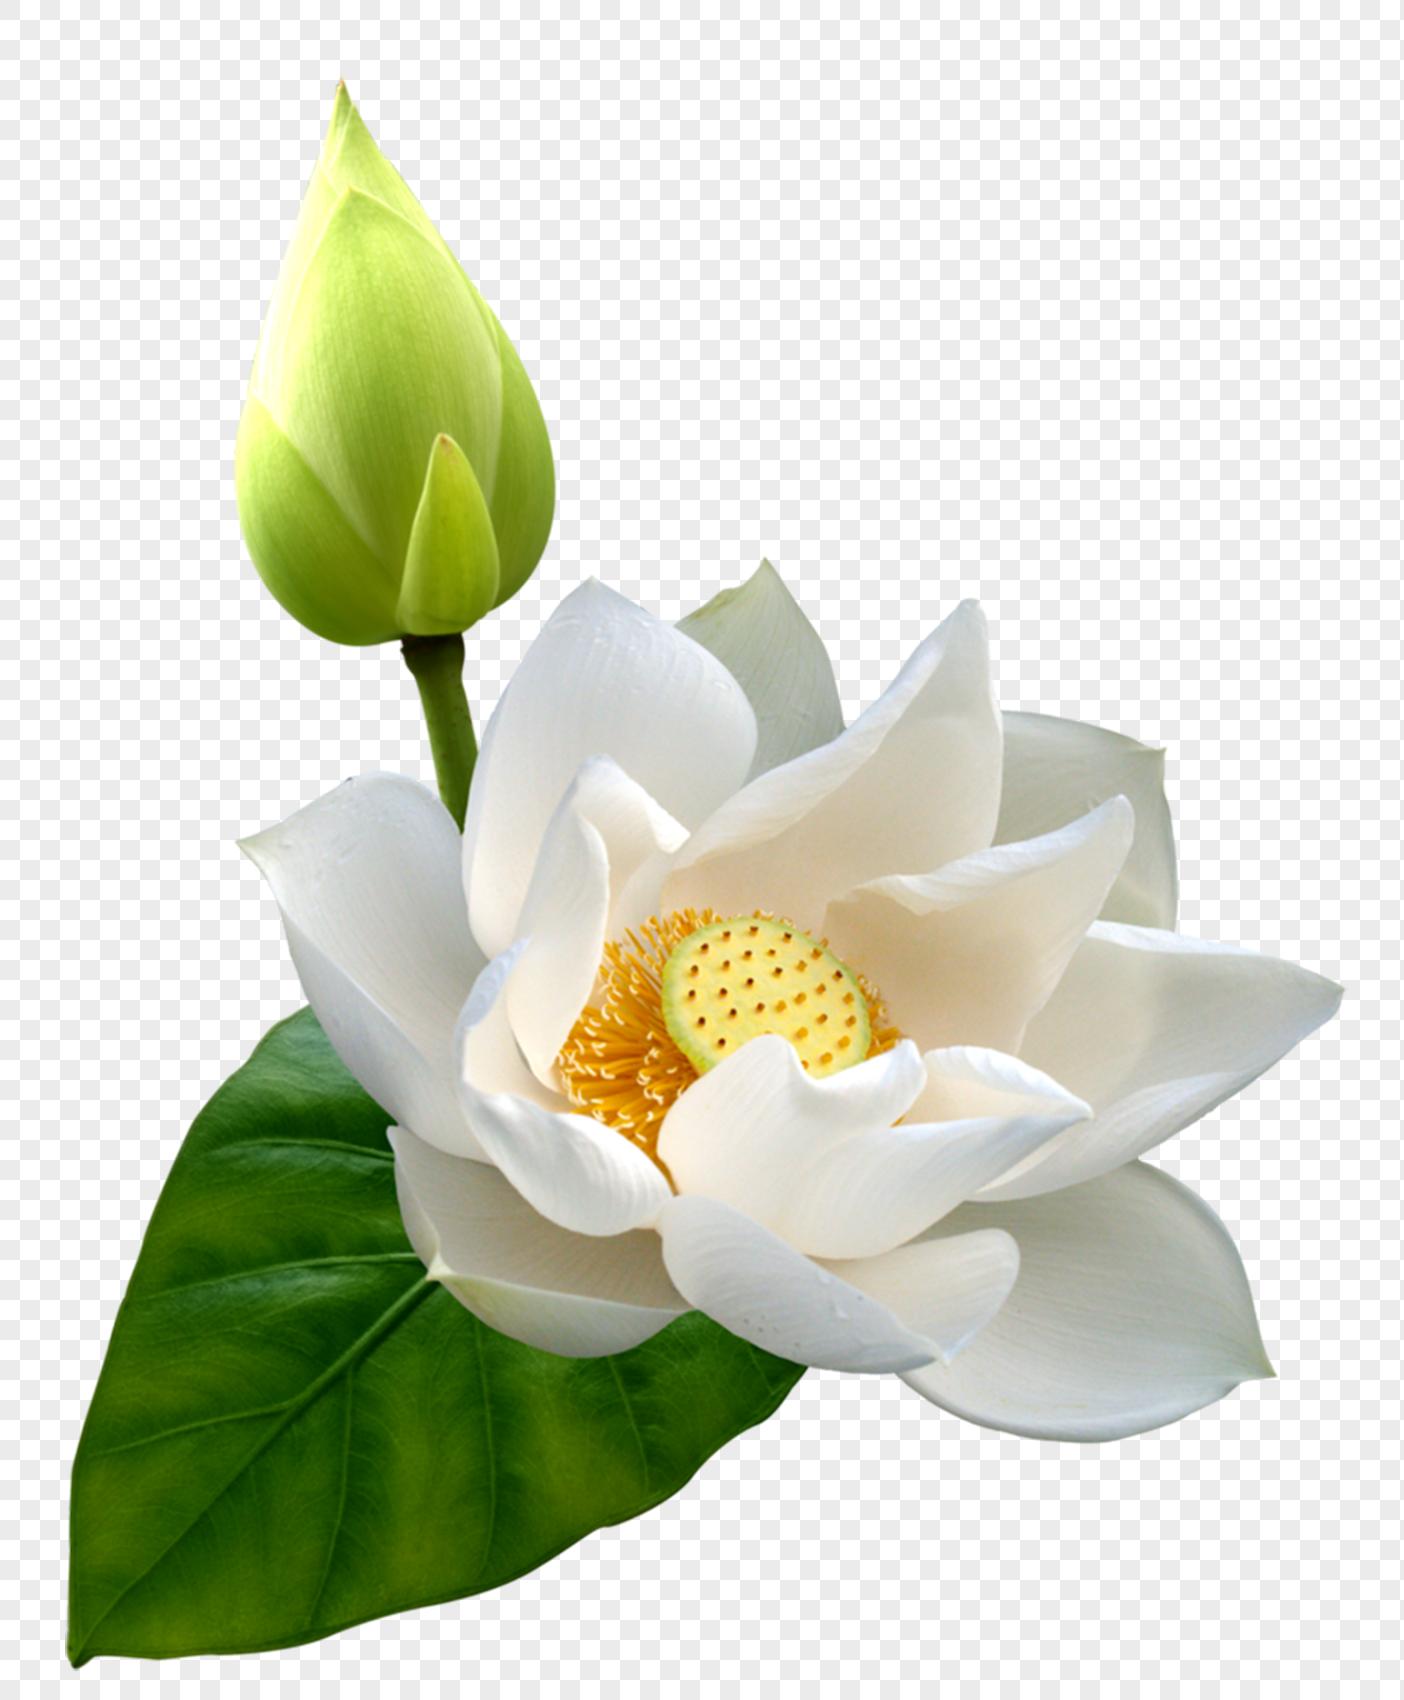 White lotus flower png imagepicture free download 400472751lovepik white lotus flower izmirmasajfo